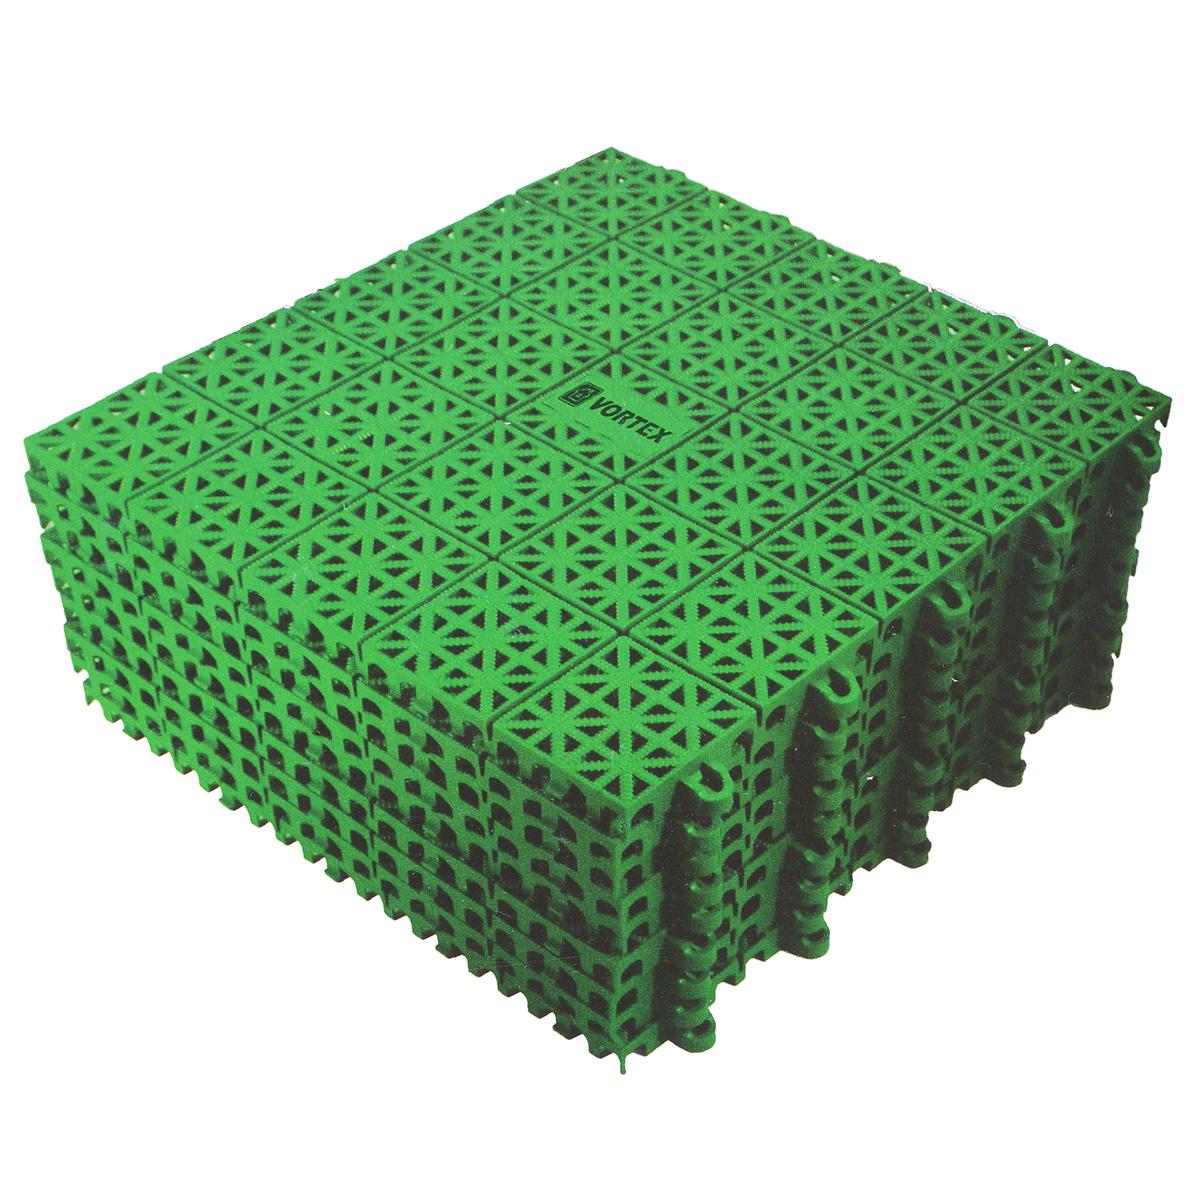 Покрытие Vortex, пластиковое, универсальное, цвет: зеленый, 9 шт5365Универсальное покрытие, выполненное из полипропилена зеленого цвета, устанавливается и удаляется без применения инструментов. Оно укладывается на любую ровную поверхность, допускается ее изношенность и наличие мелких дефектов. Покрытие можно использовать внутри и вне помещений: балкон, мастерская, помещения с повышенной влажностью, ванная комната и душевая, бассейн, каток, кладовая, кемпинг, игровые площадки, складские помещения, торговые площадки, выставки.В помещении уход за покрытием производится с применением пылесоса. Покрытие, установленное вне помещения можно легко промыть водой при помощи шланга.Размер плитки: 33 см х 33 см х 1 см.Размер полученного покрытия: 1 м2